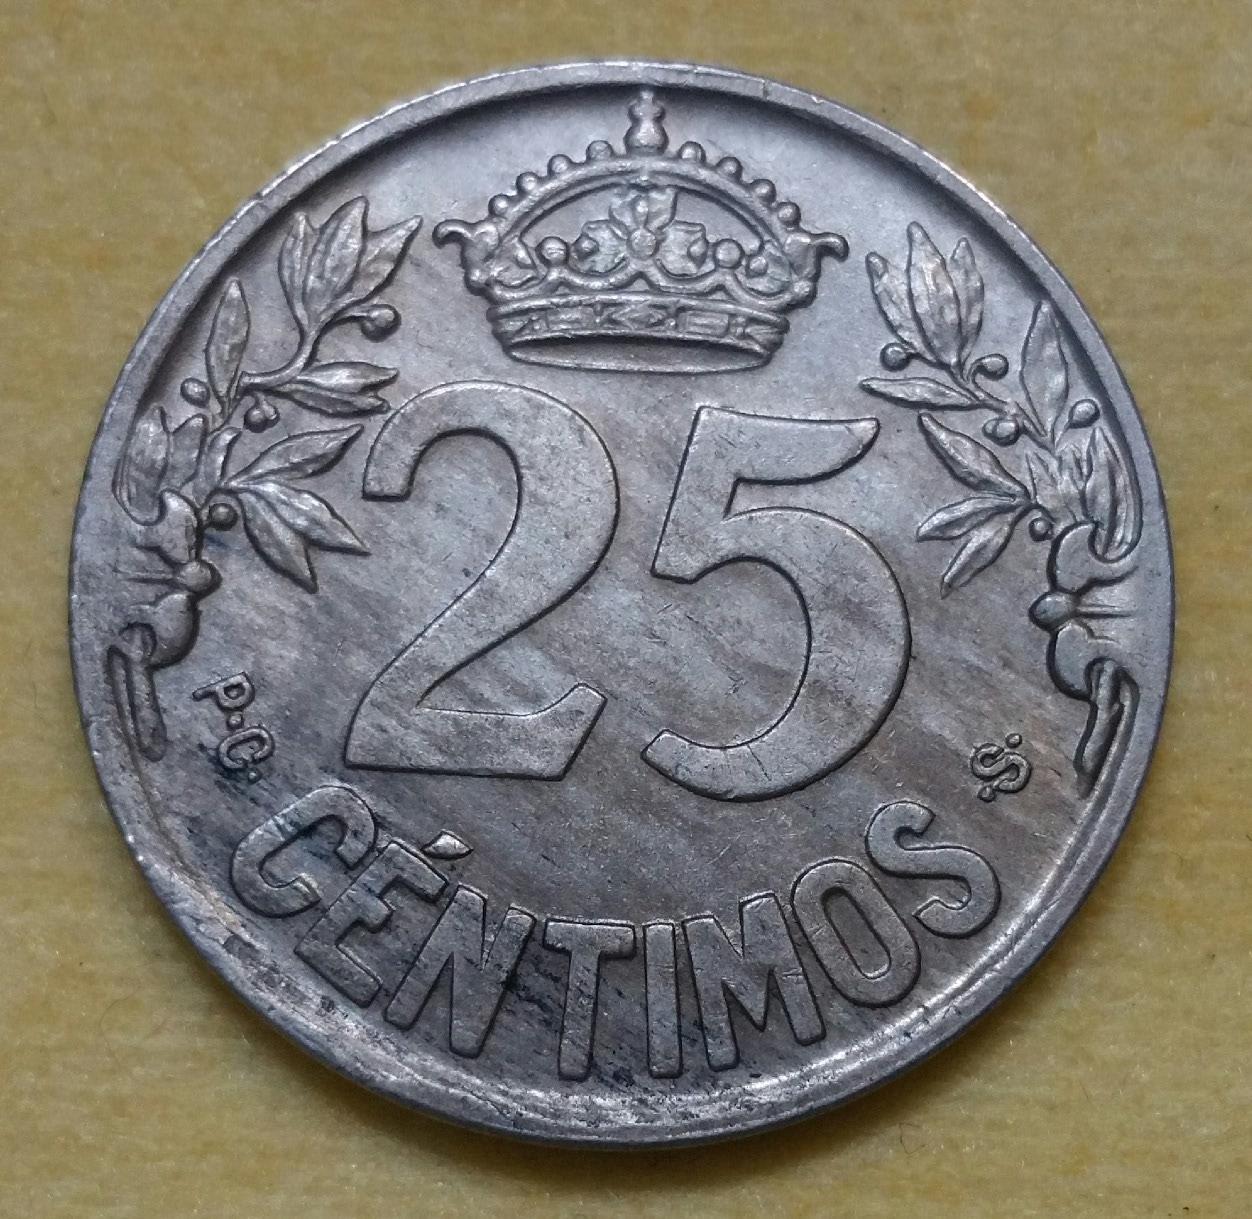 1925 - Serie completa 25 céntimos 1925, 1927, 1934 y 1937. 25tjg5k